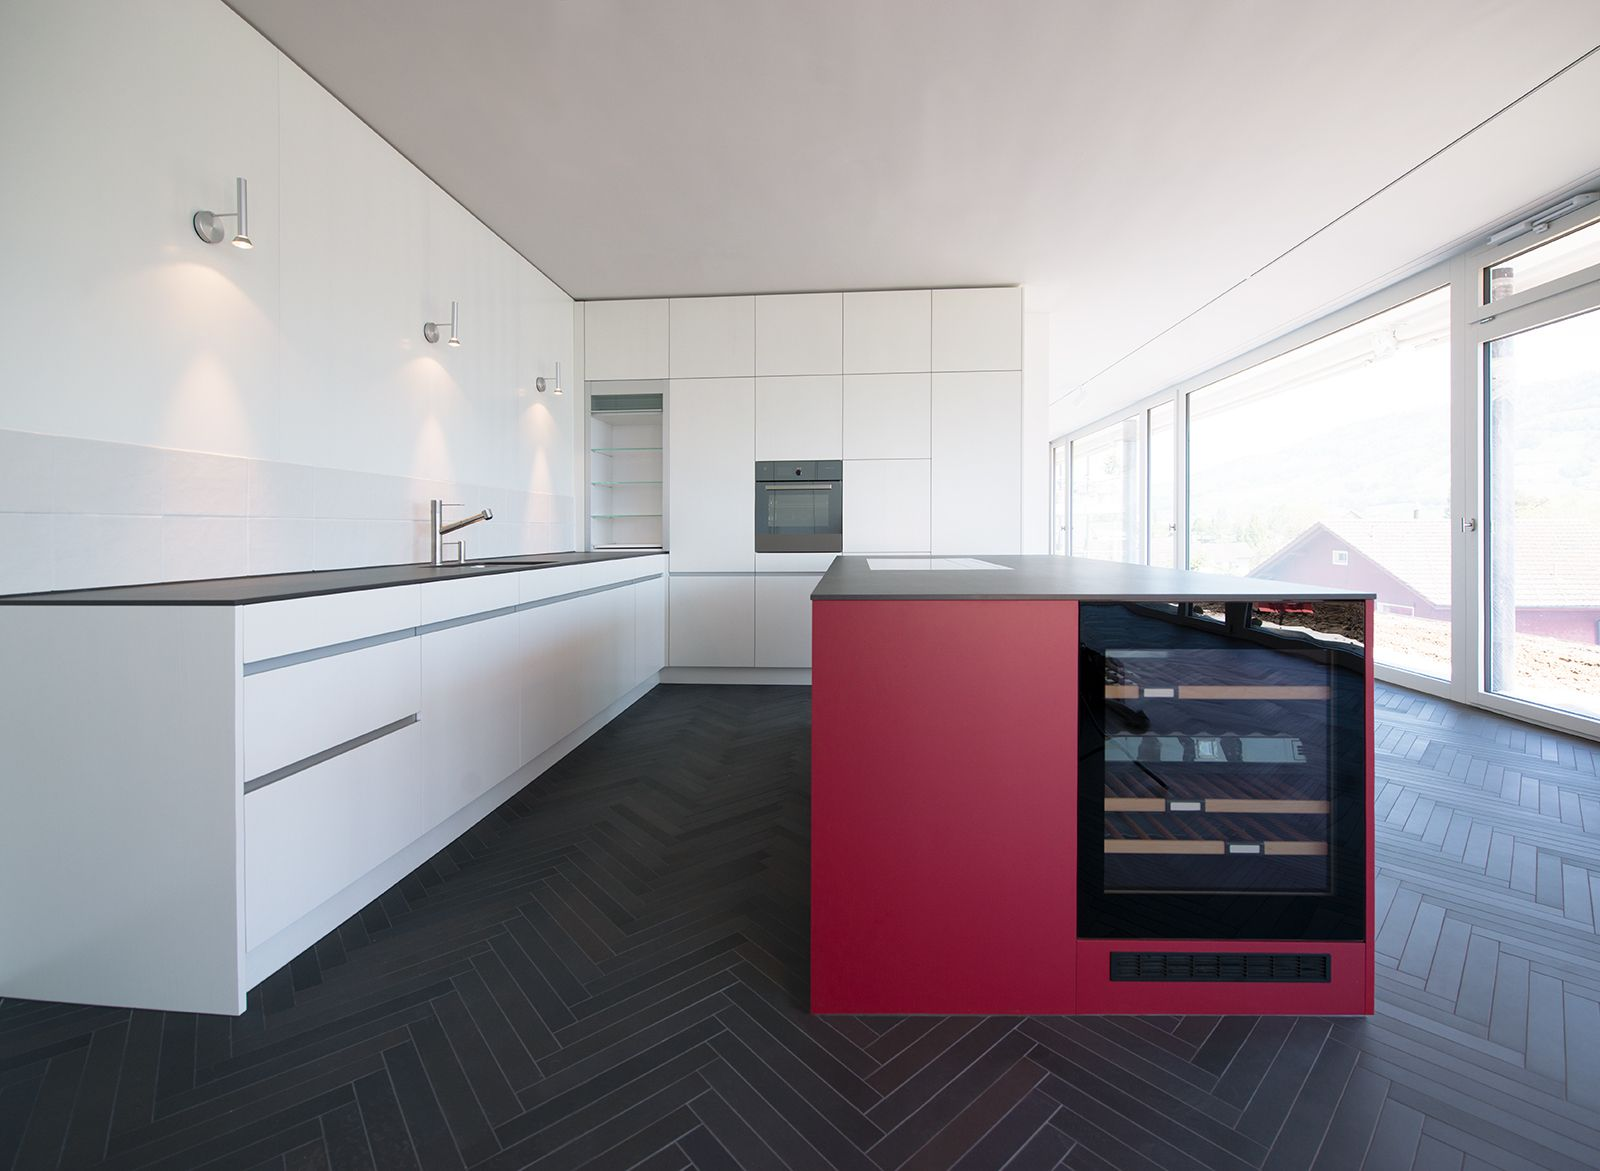 Ausgezeichnet Kücheninsel Kits Fotos - Küchenschrank Ideen ...